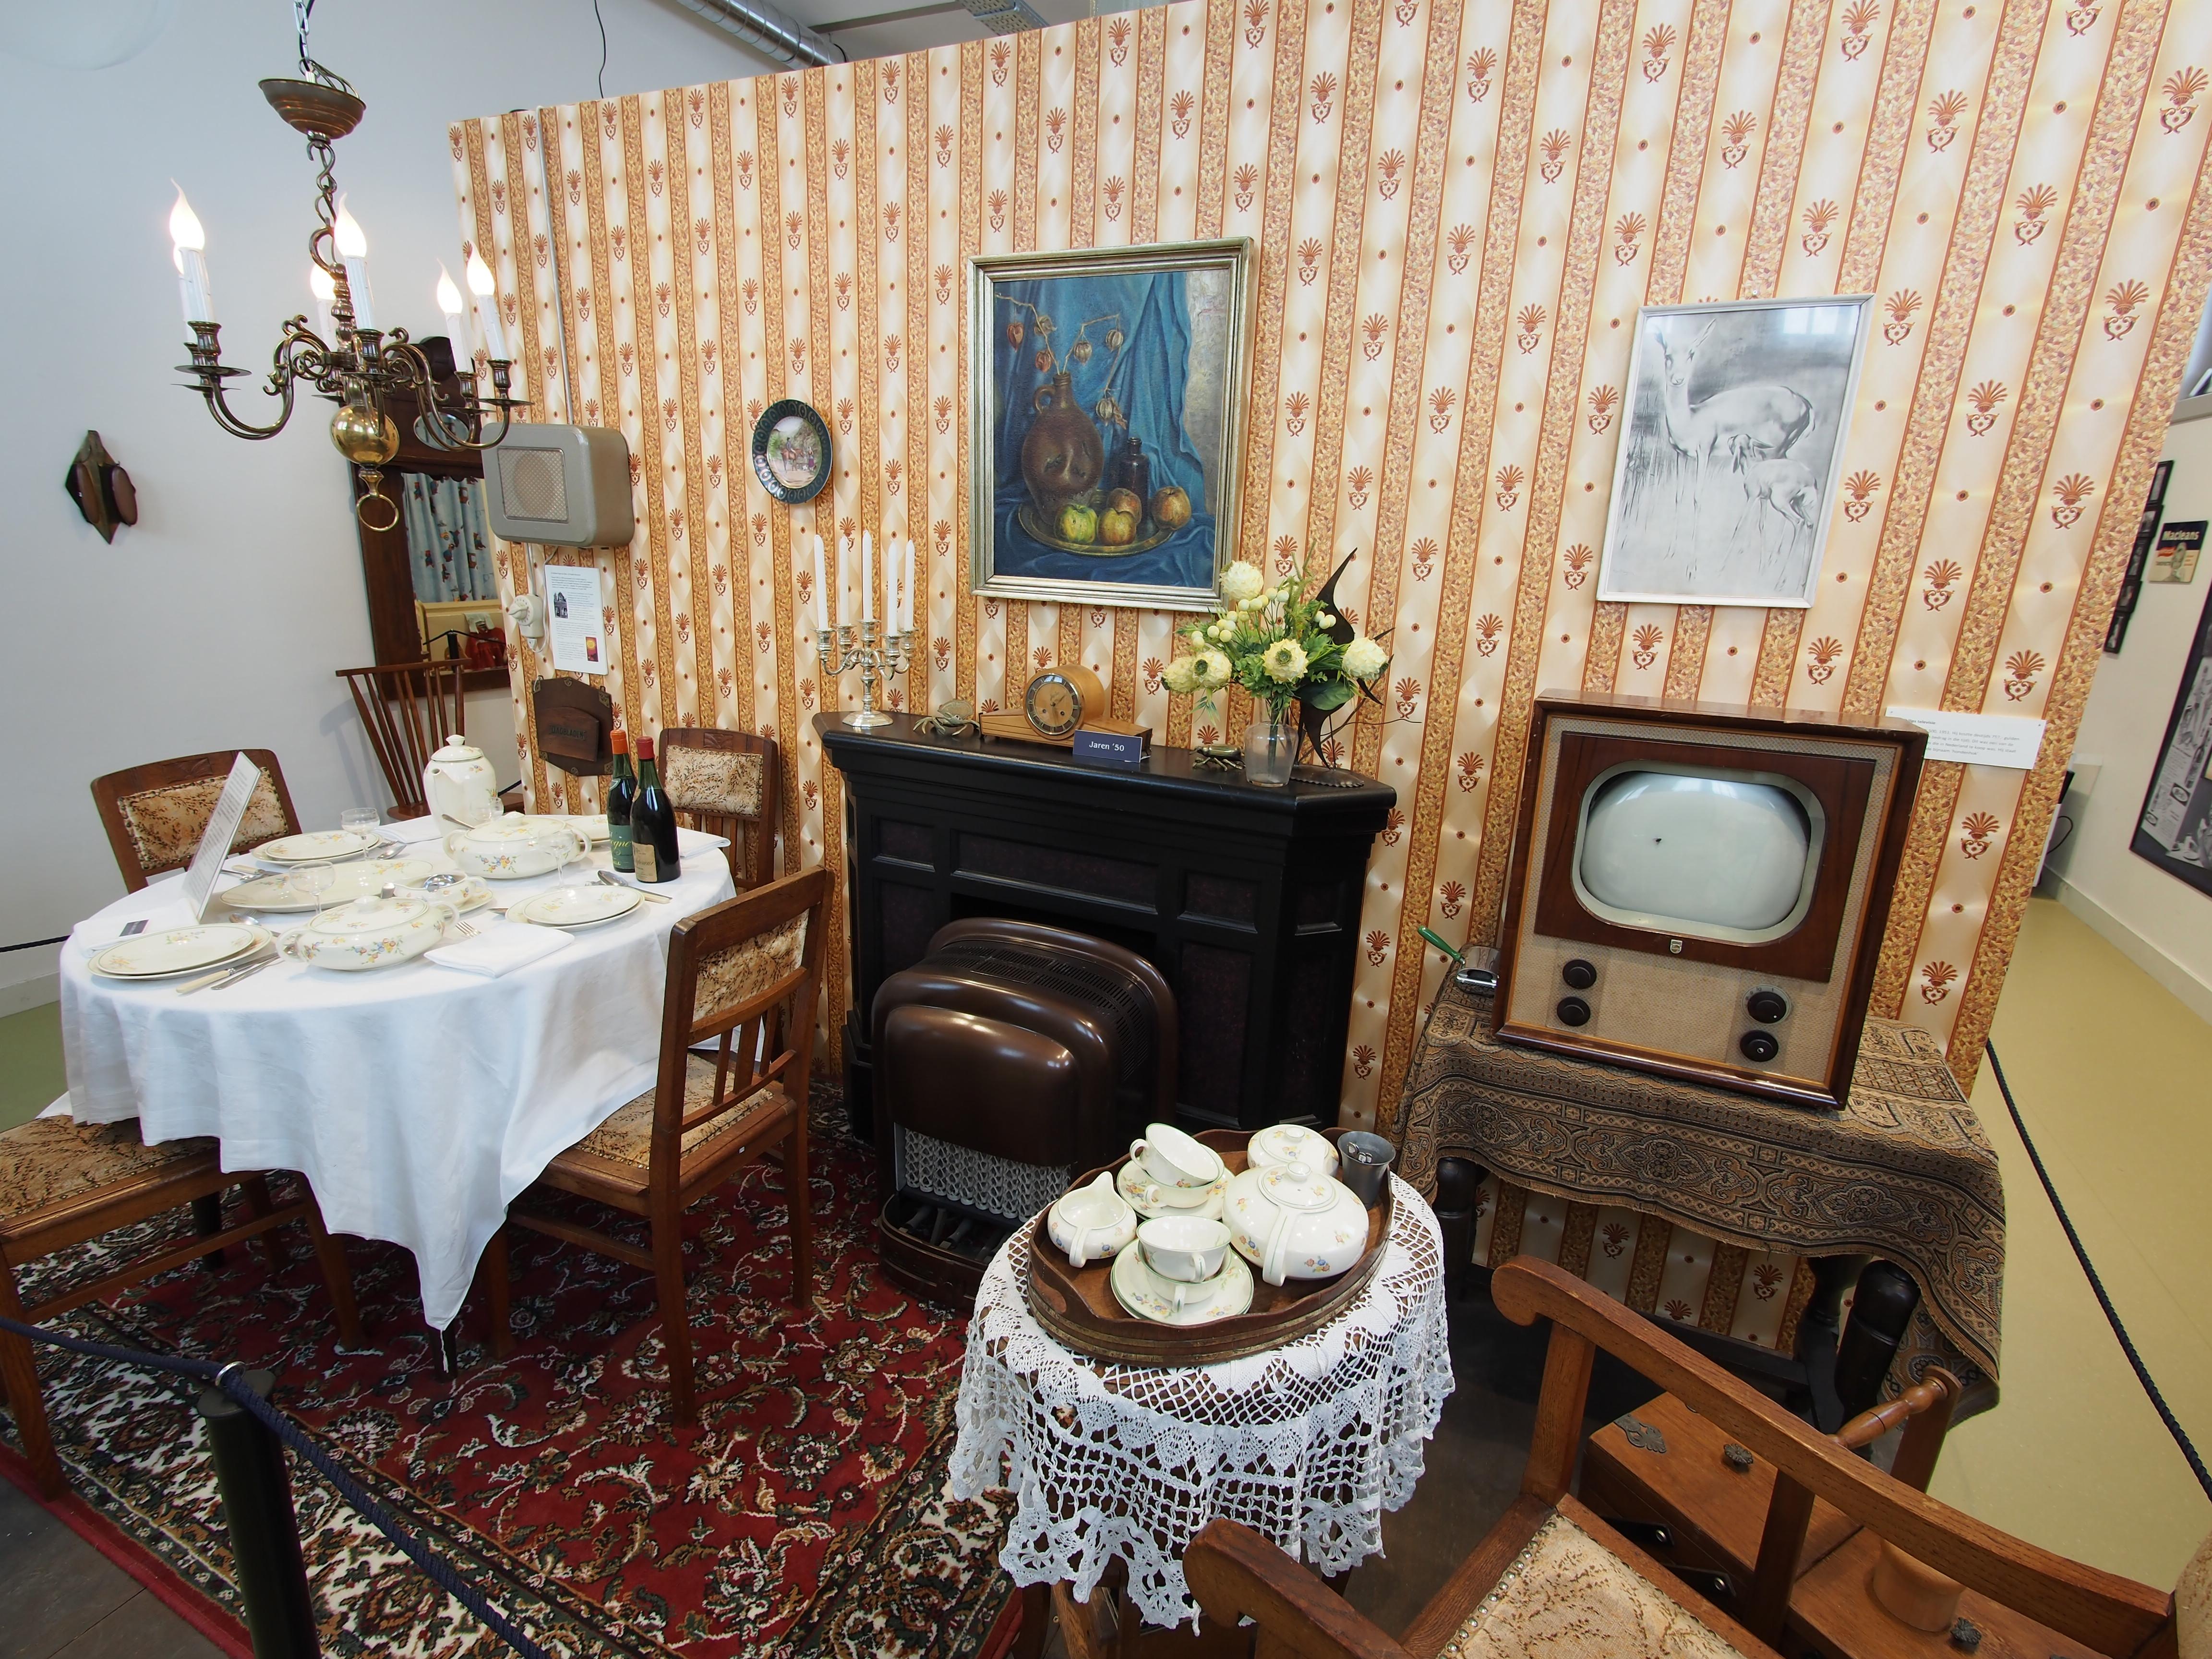 File:Museum van de Twintigste Eeuw, Oude woonkamer foto 2.JPG ...